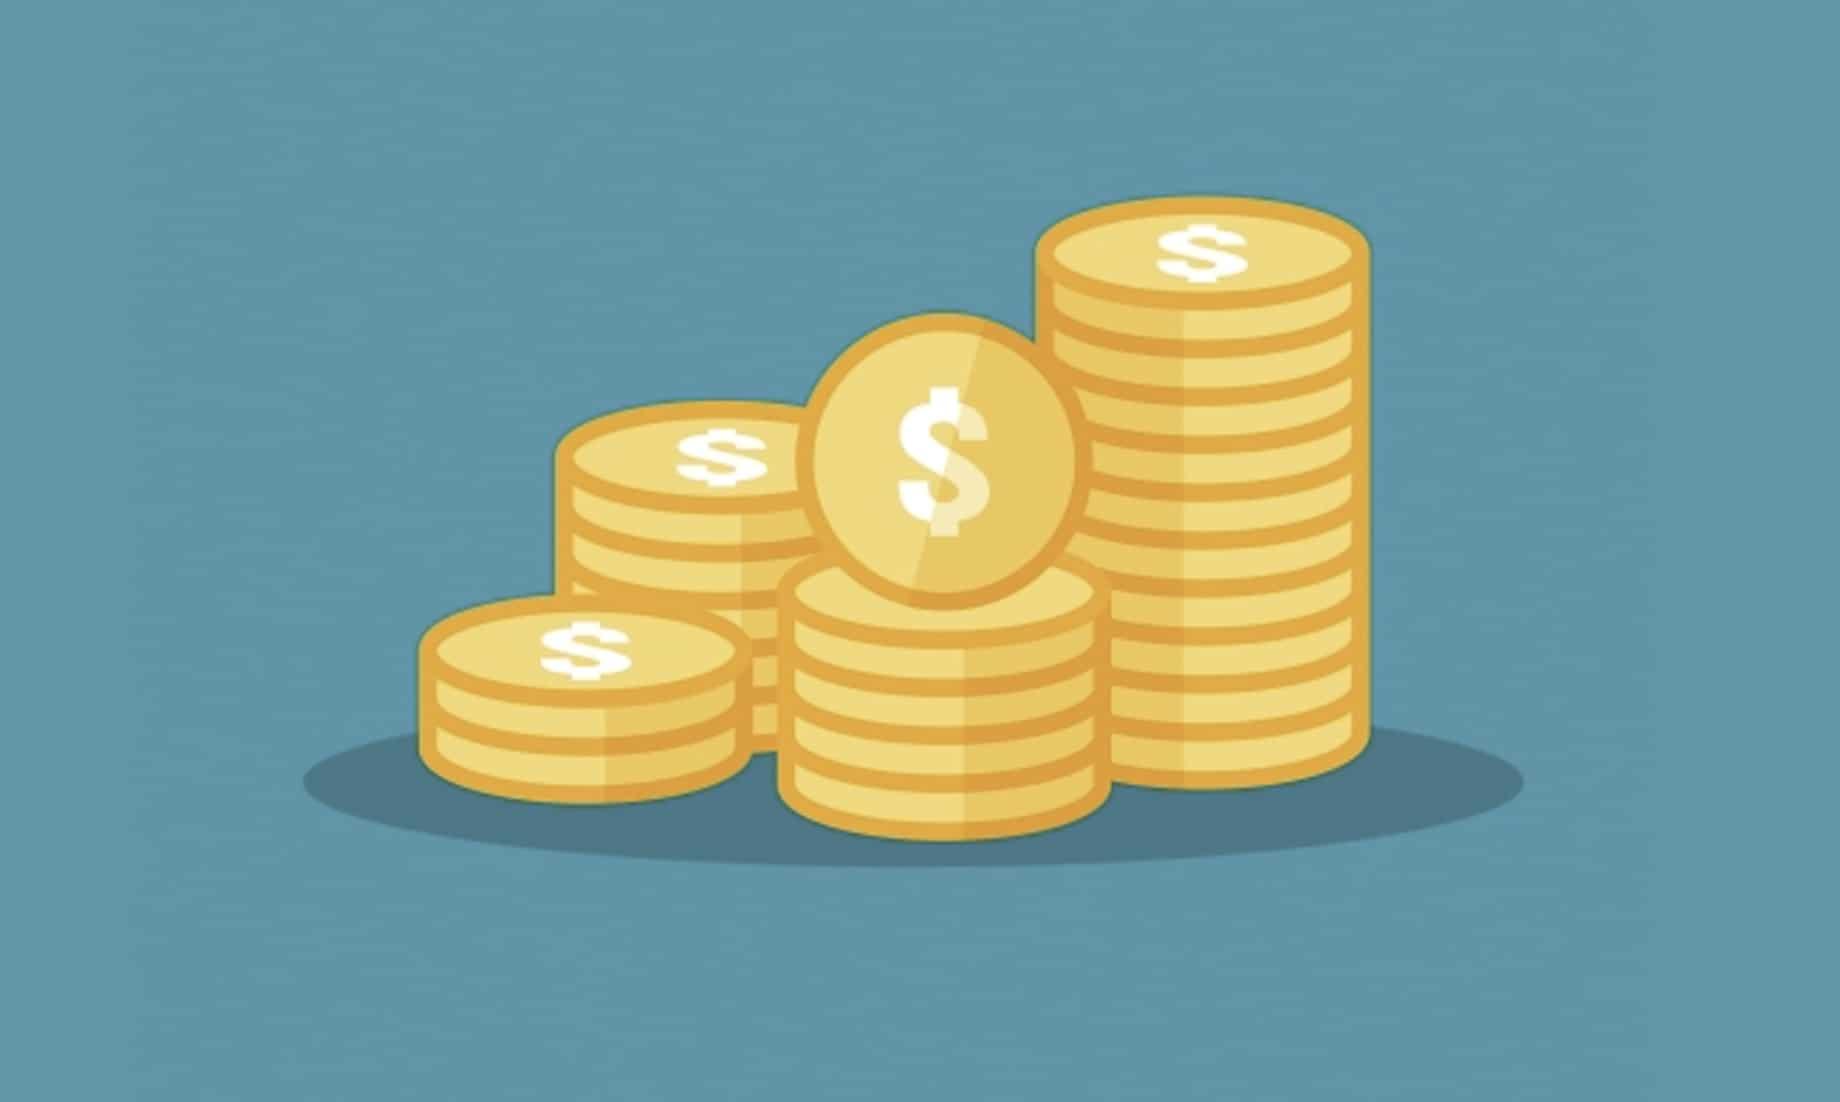 kako ustedjeti novac